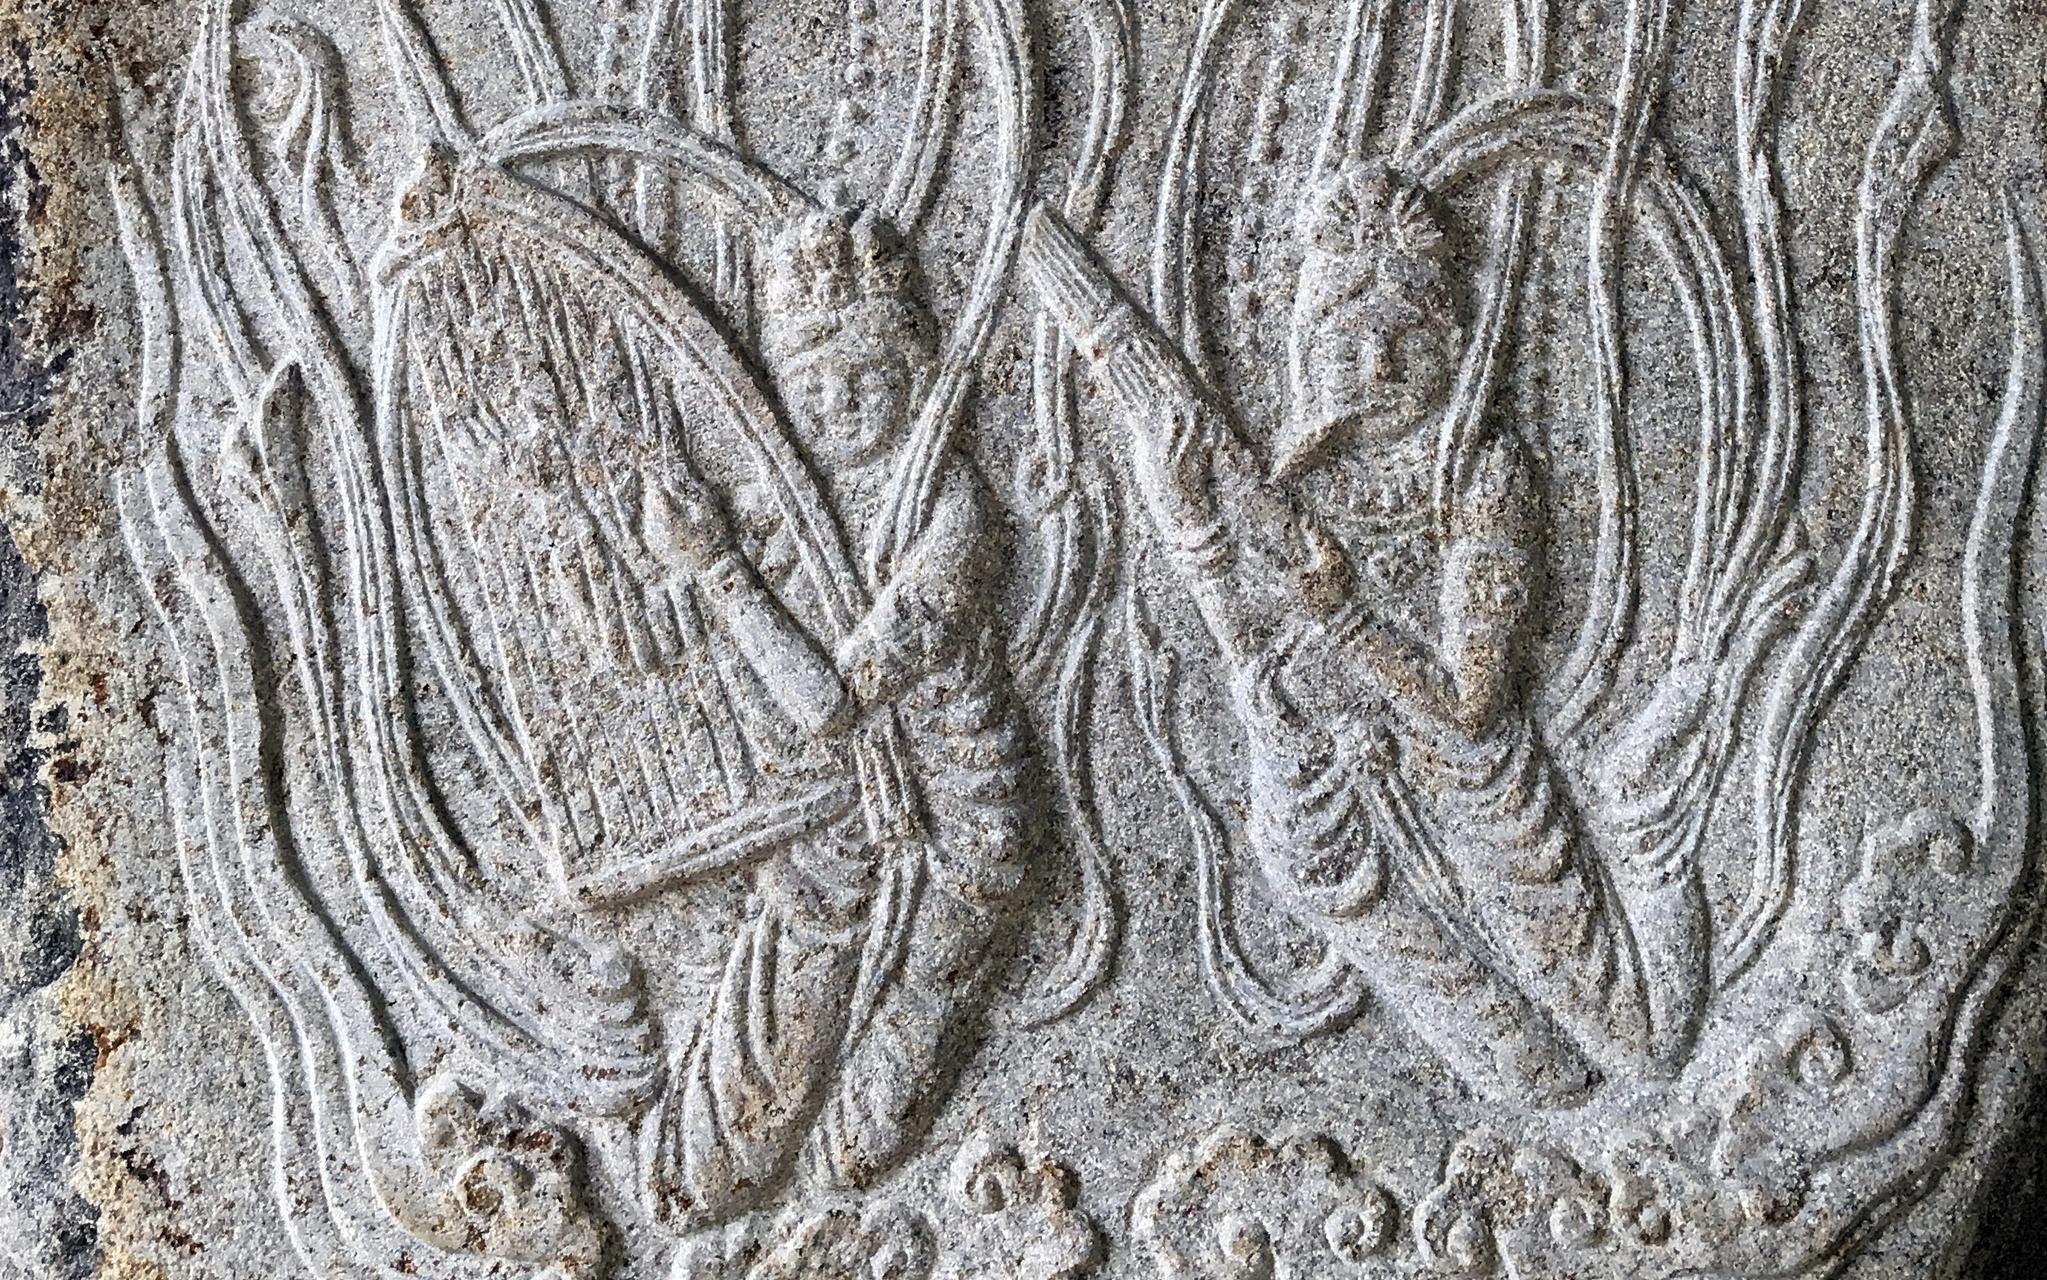 한국의 현존 동종 가운데 가장 오래된(725년, 통일신라) 상원사 동종에 생황(오른쪽)과 공후를 연주하는 문양이 새겨져 있다. 생황은 우리 민족이 고대부터 연주하던 악기다. 최정동 기자